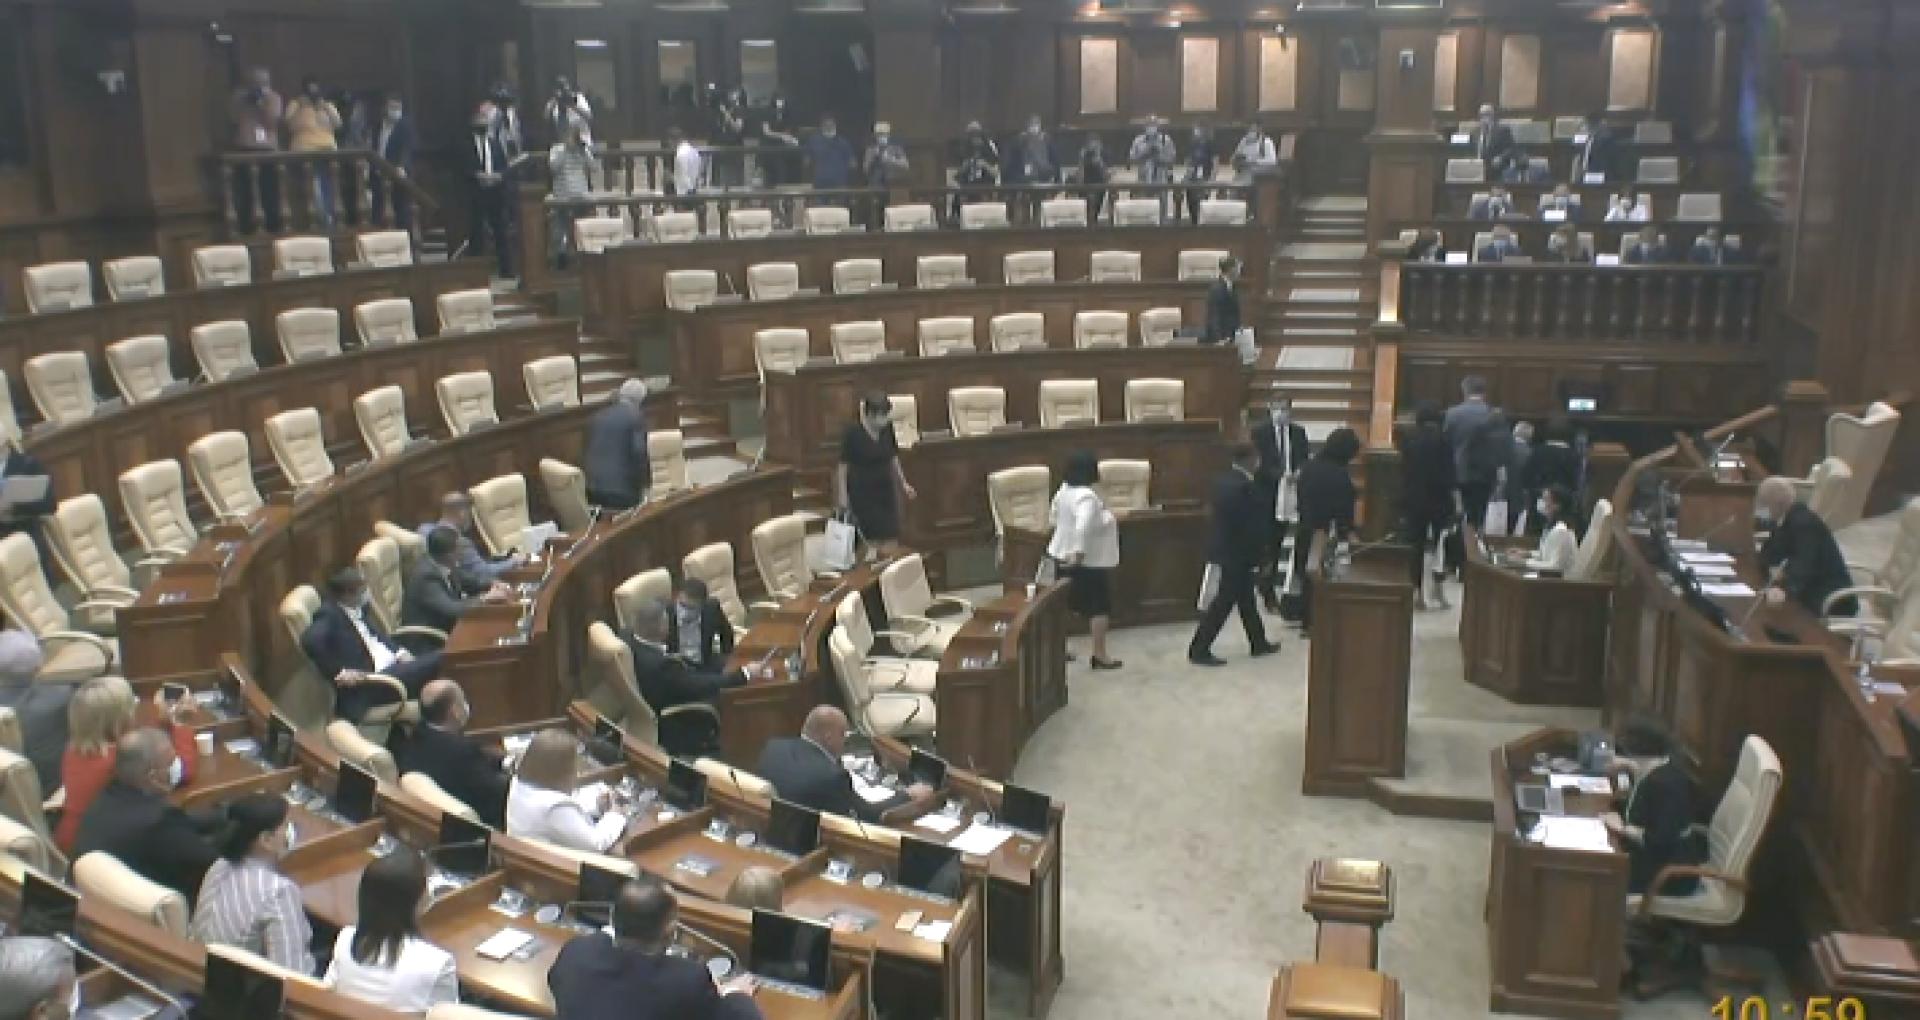 VIDEO/ Ședința de constituire a noului Parlament ales al R. Moldova s-a încheiat. Deputații PAS au anunțat pauză până joi, în timp ce socialiștii au cerut ca ședința să continue